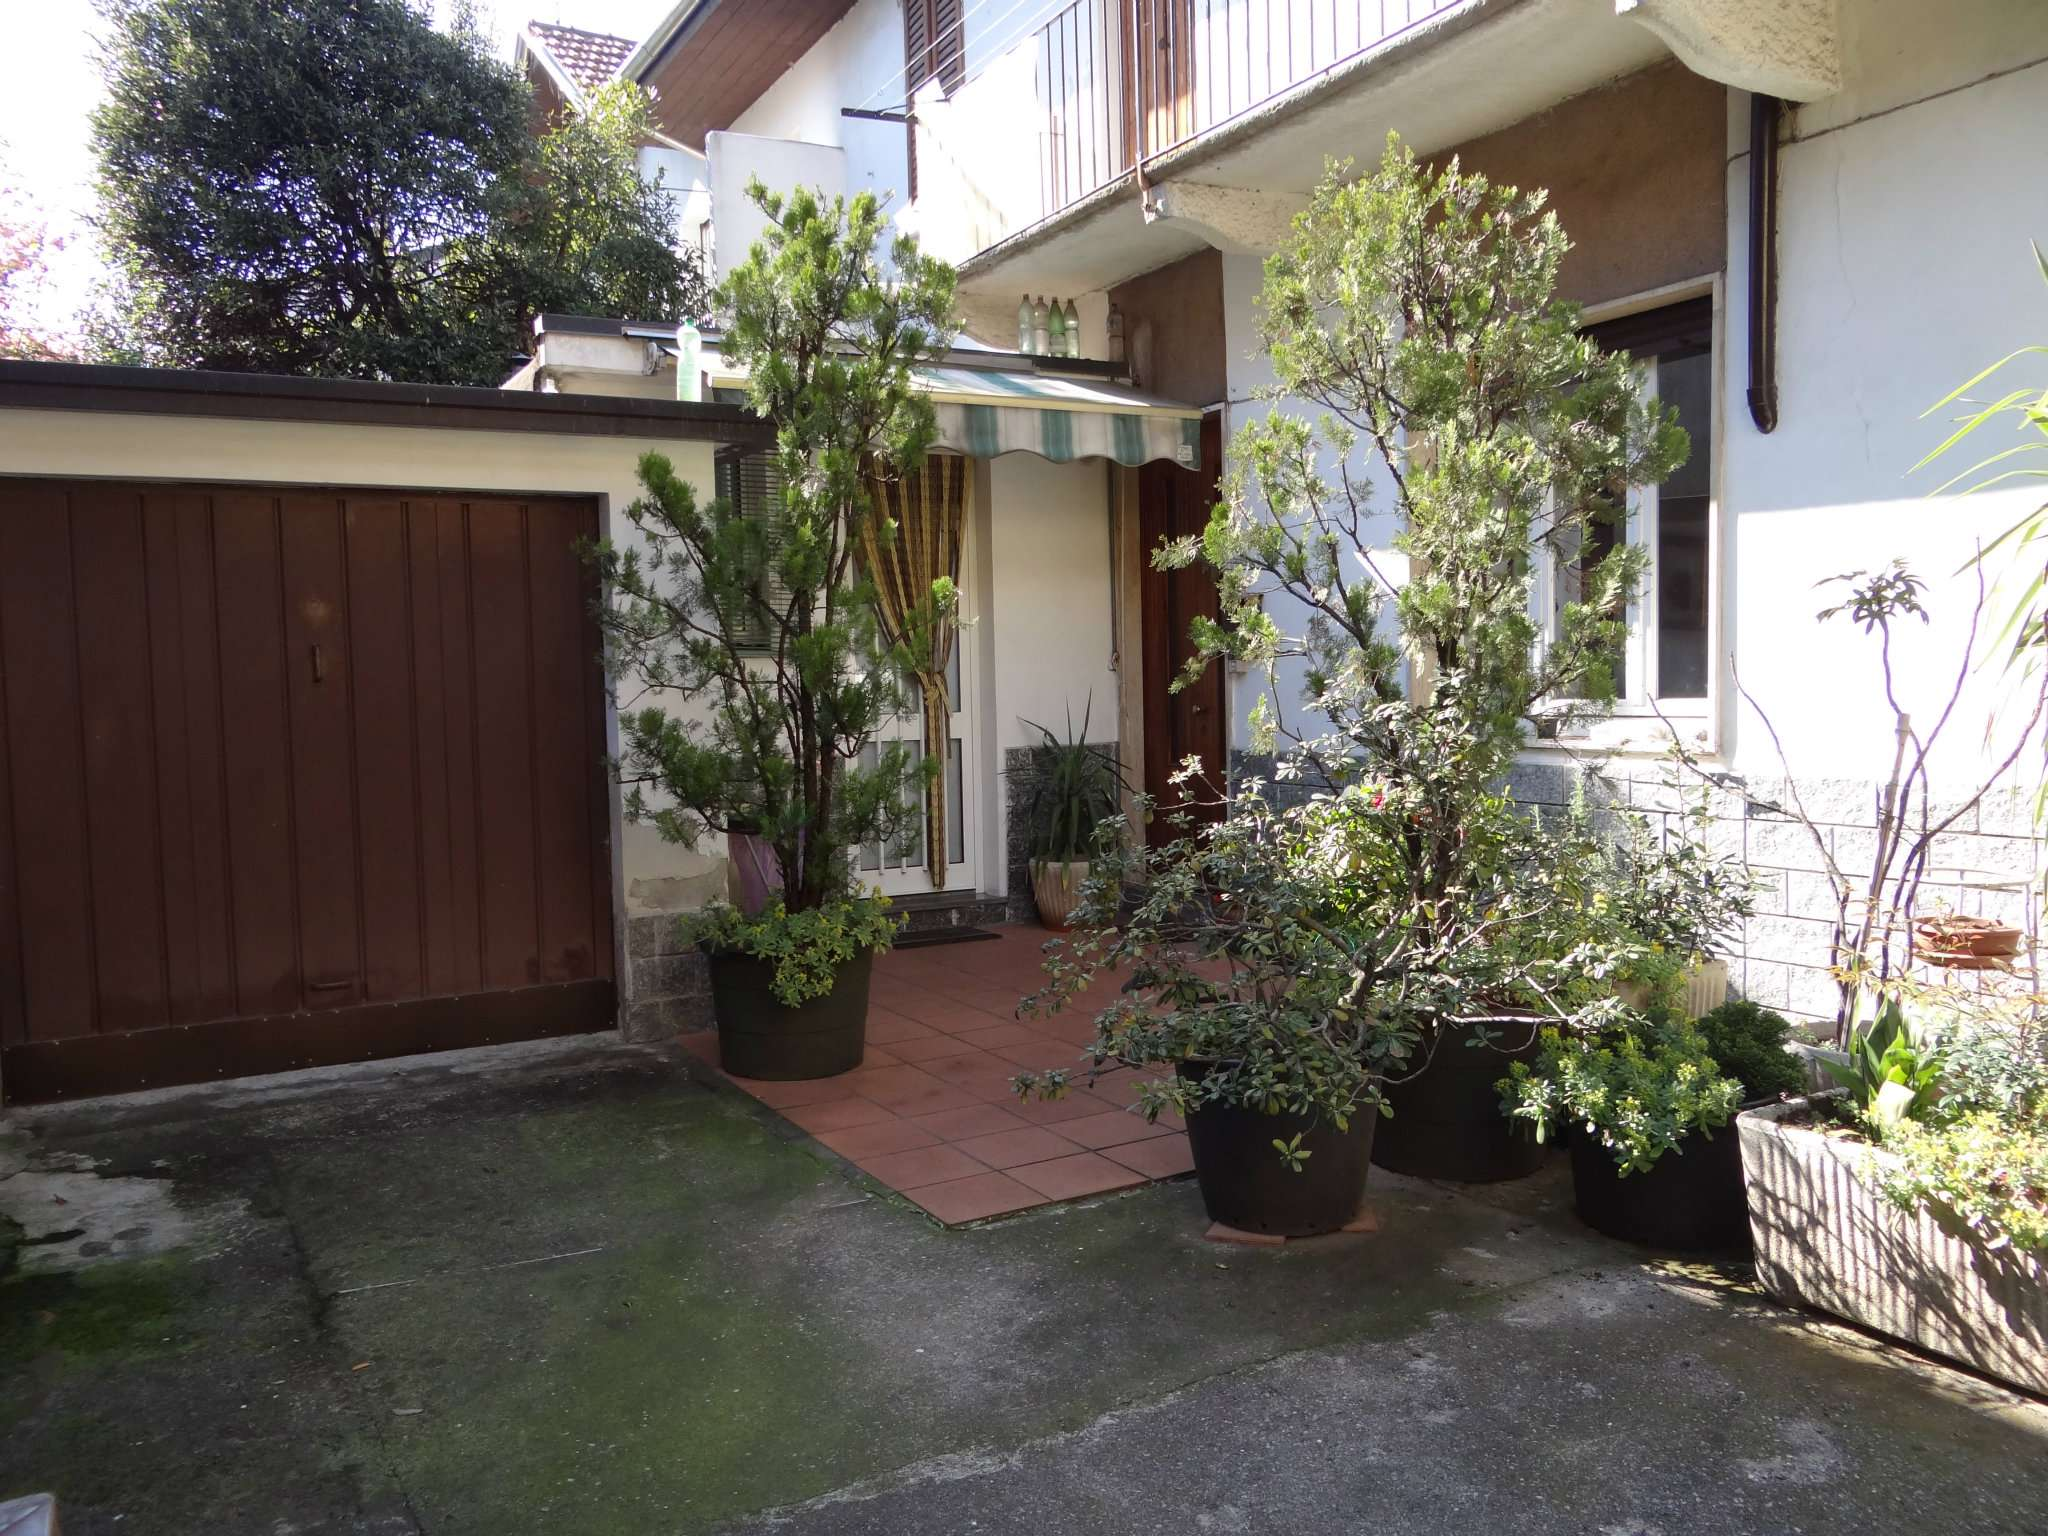 Appartamento in vendita a Olgiate Olona, 3 locali, prezzo € 85.000   Cambio Casa.it